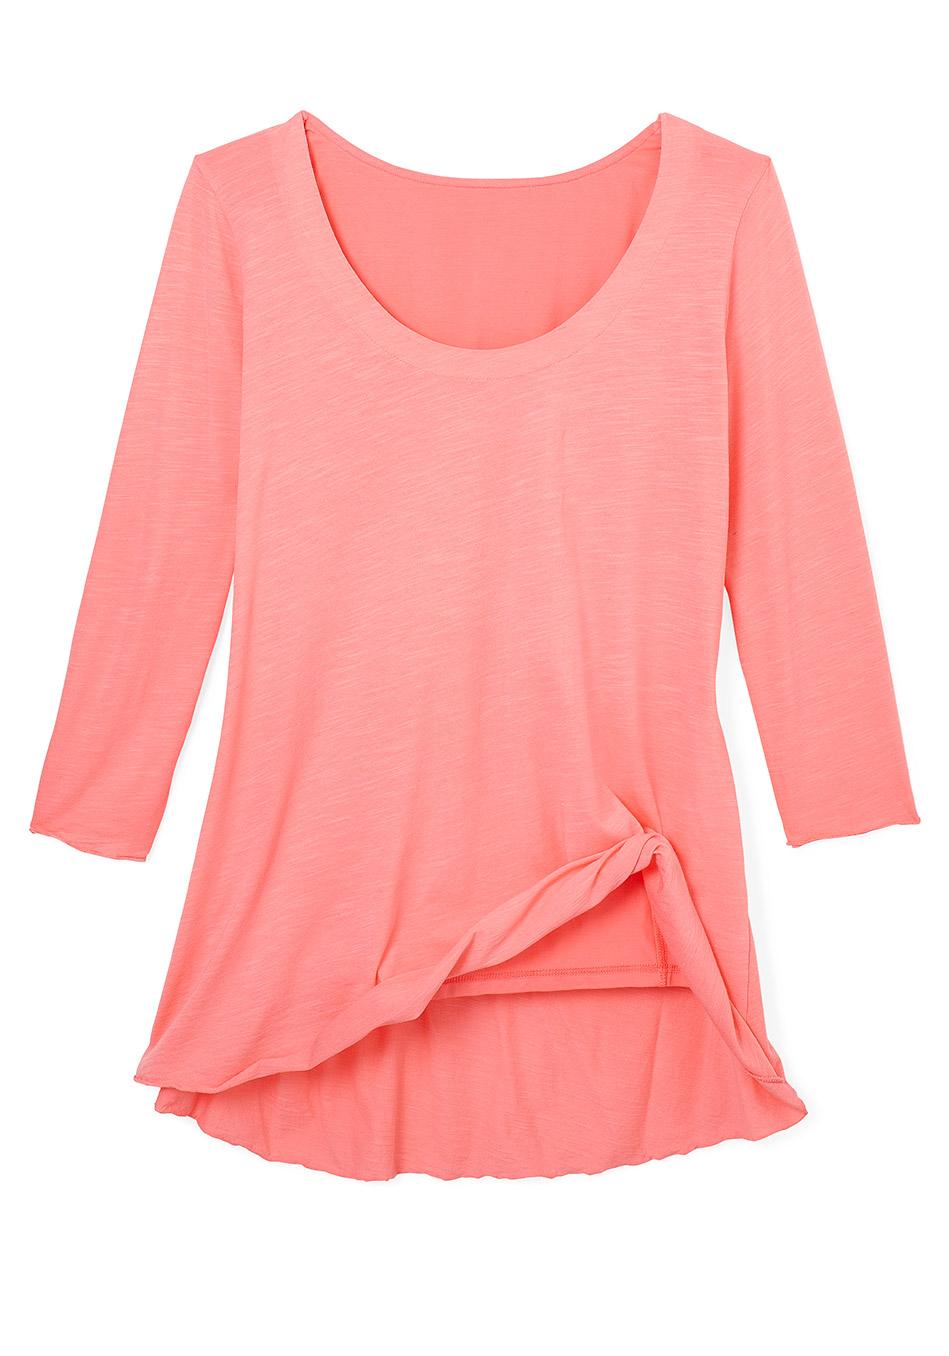 """воздушная блуза """"Miraclebody"""" от Miraclesuit со встроенным корсетом"""